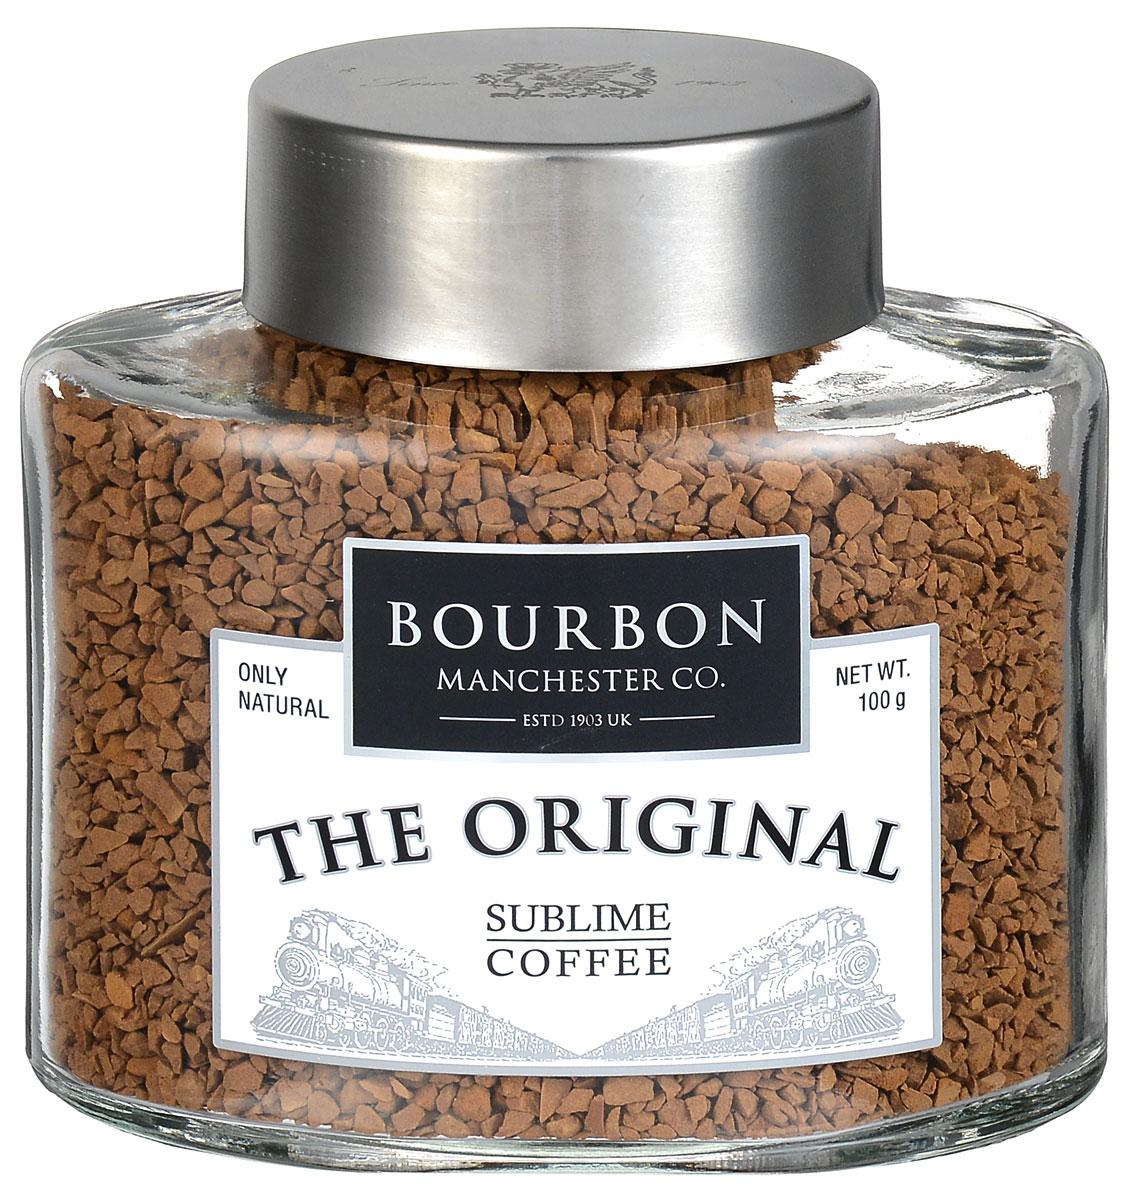 Bourbon Original кофе растворимый, 100 г4607141335525Bourbon Original - это купаж лучших сортов бразильской и коста-риканской арабики. Кофейные зерна были обжарены на медленном огне по оригинальному бразильскому рецепту. Bourbon Original имеет насыщенный вкус с легкой кислинкой, нотками фундука и горького шоколада.